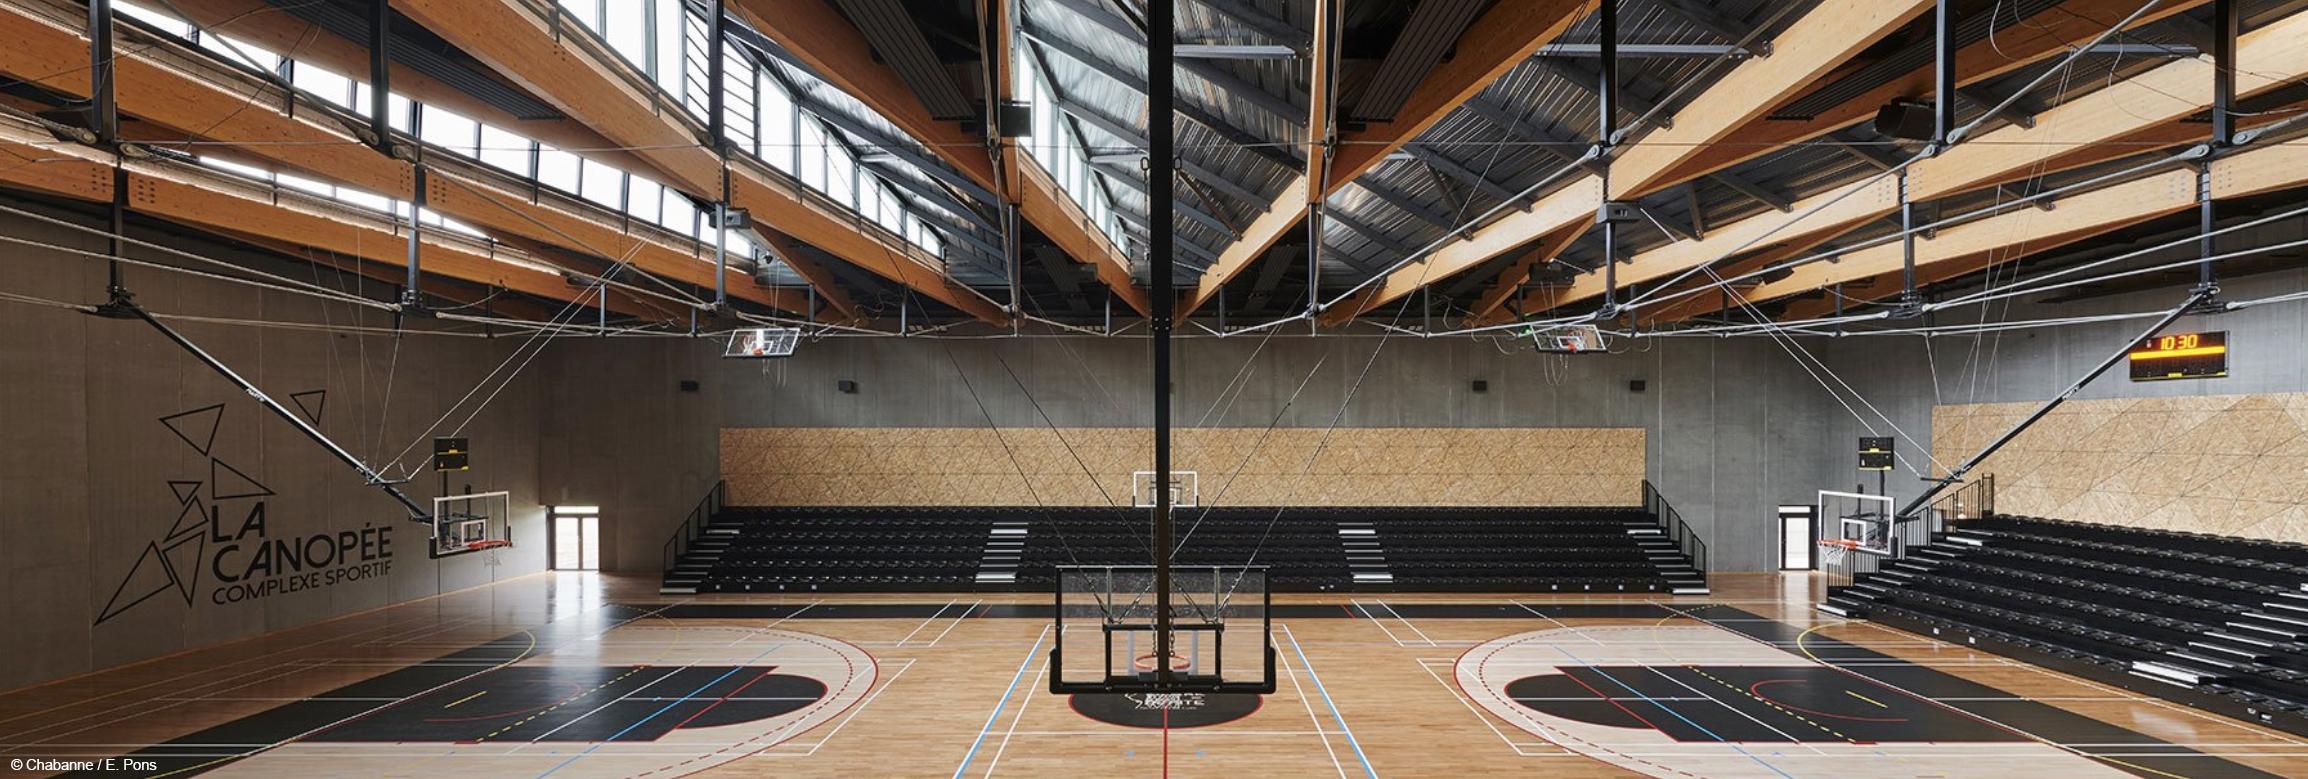 bois lamellé construction bois ouvrage sportif bâtiment BEPOS Biosourcé